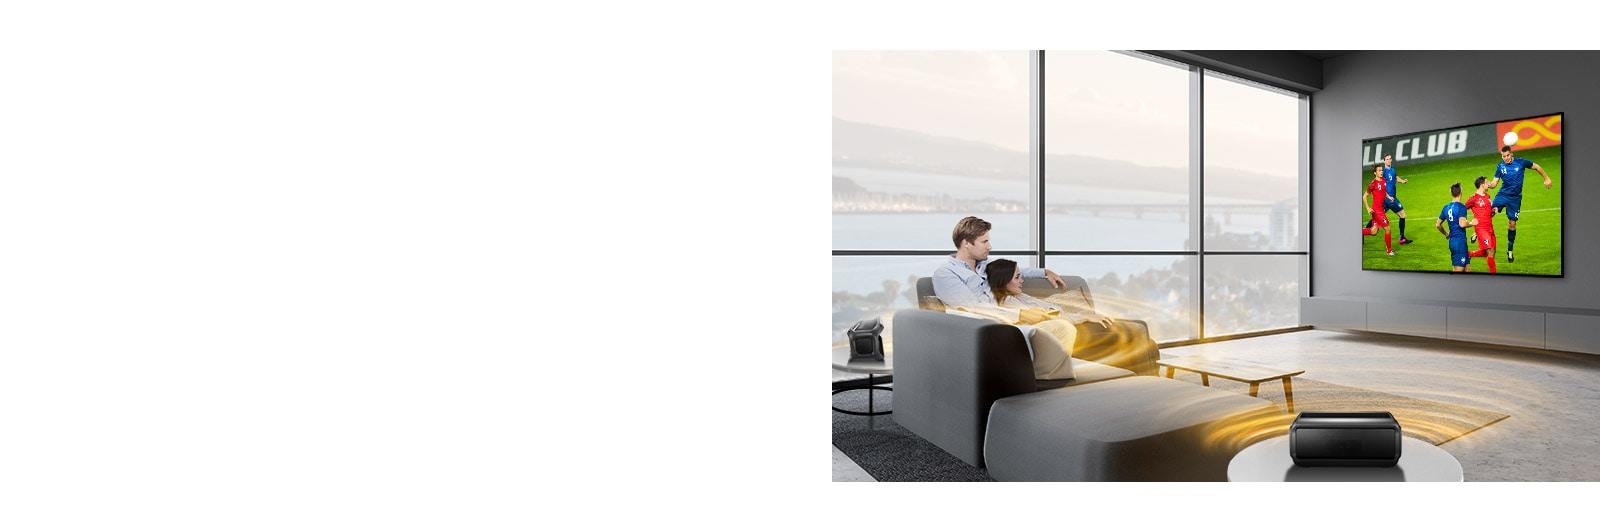 Um casal está assistindo um jogo de esportes na TV na sala de estar com alto-falantes traseiros bluetooth